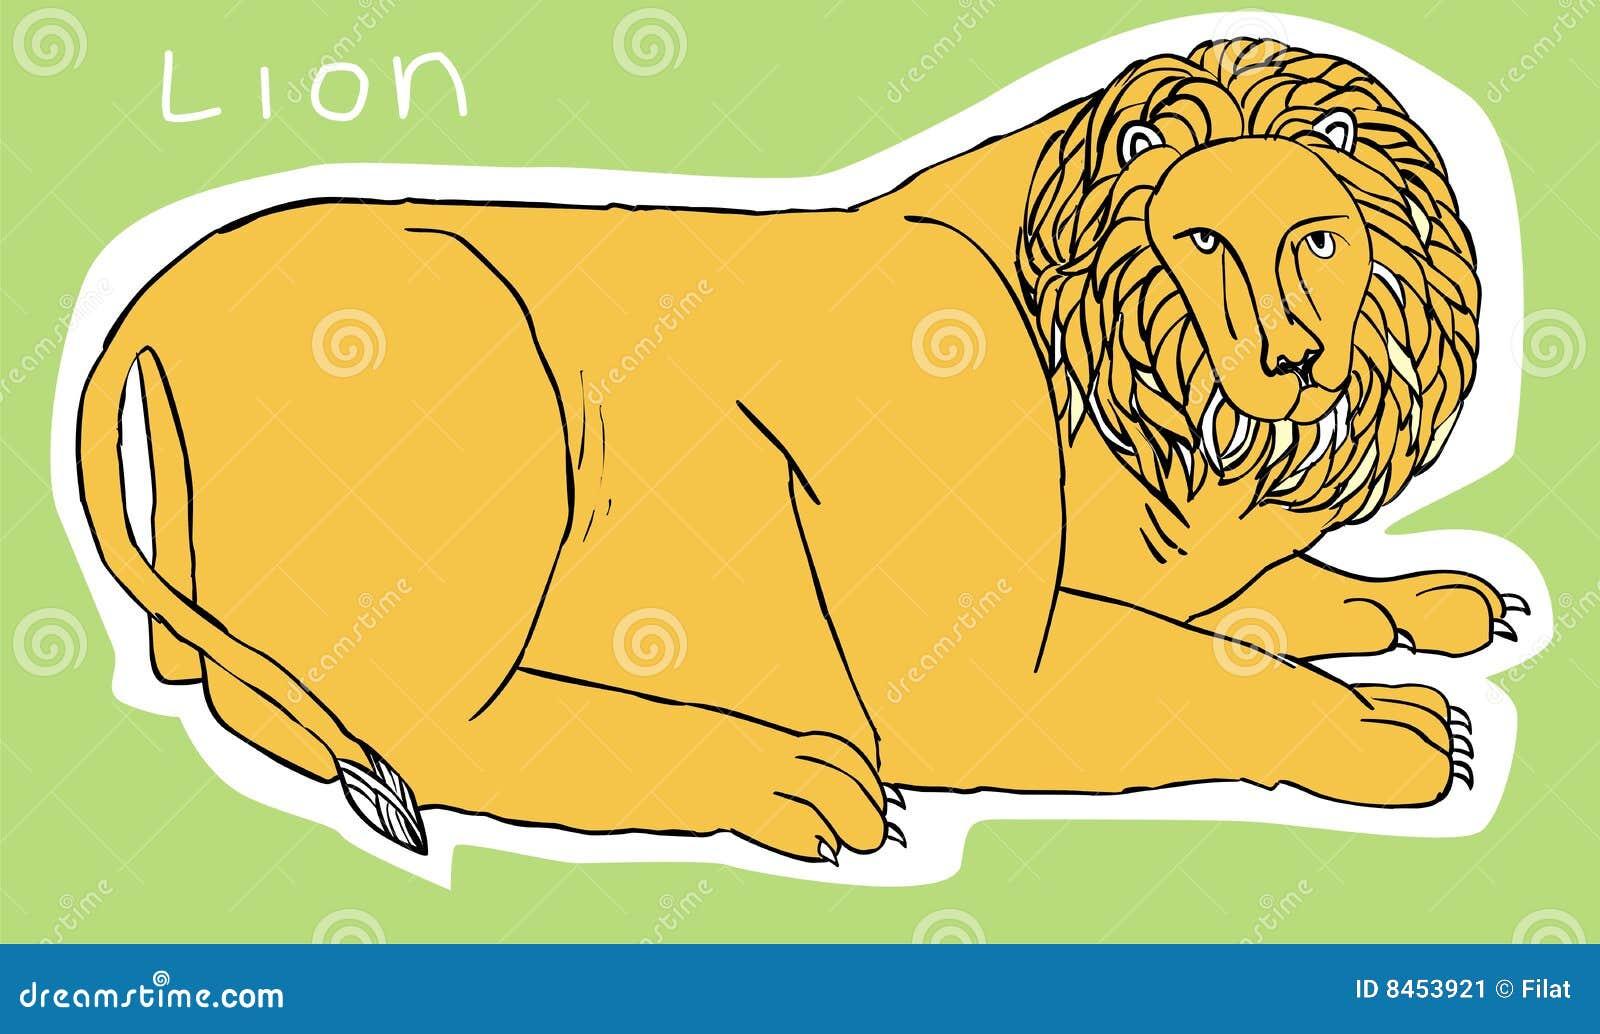 Illustrationlion